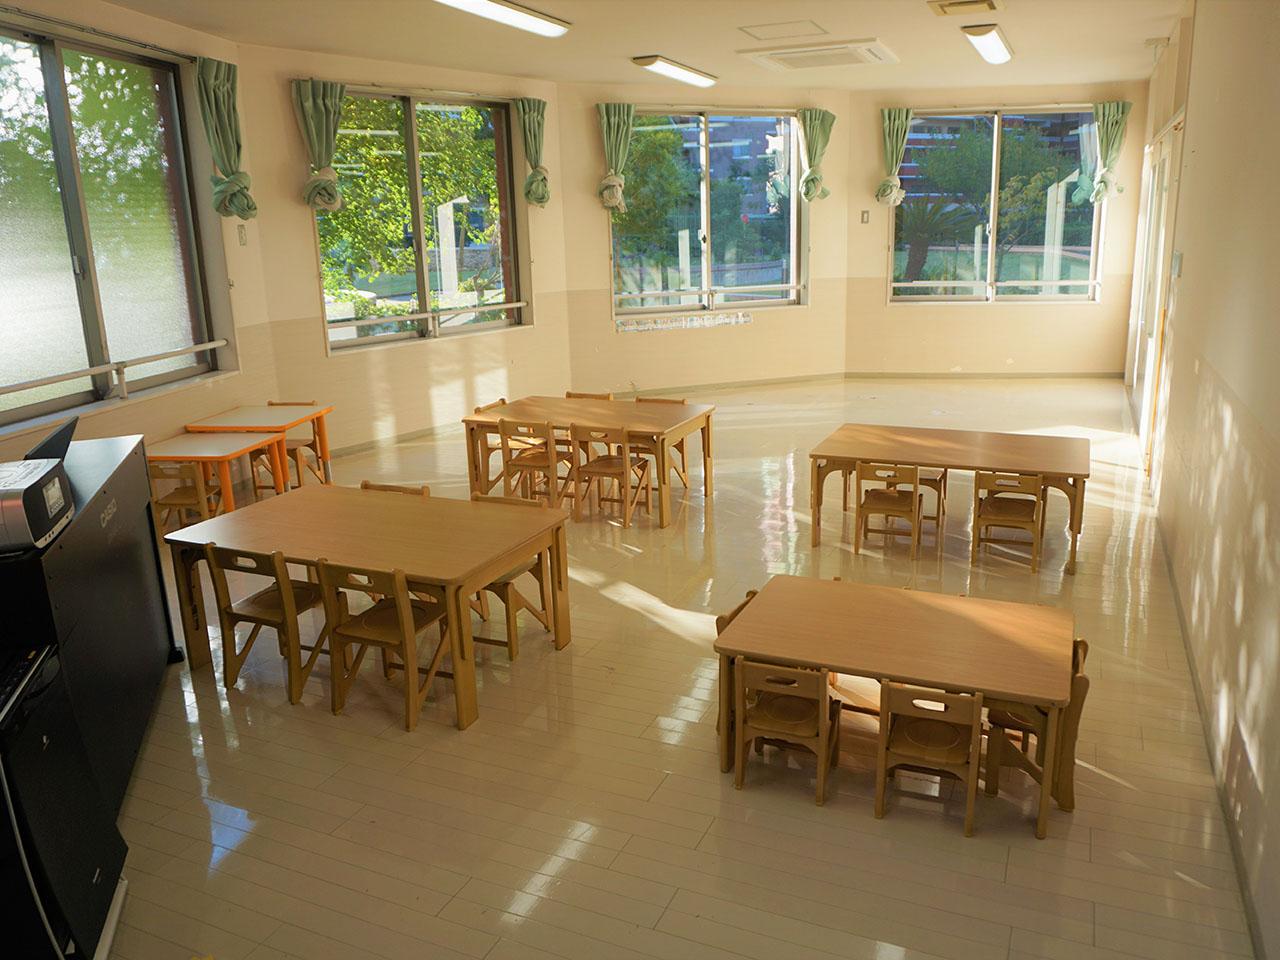 3-5歳児保育室